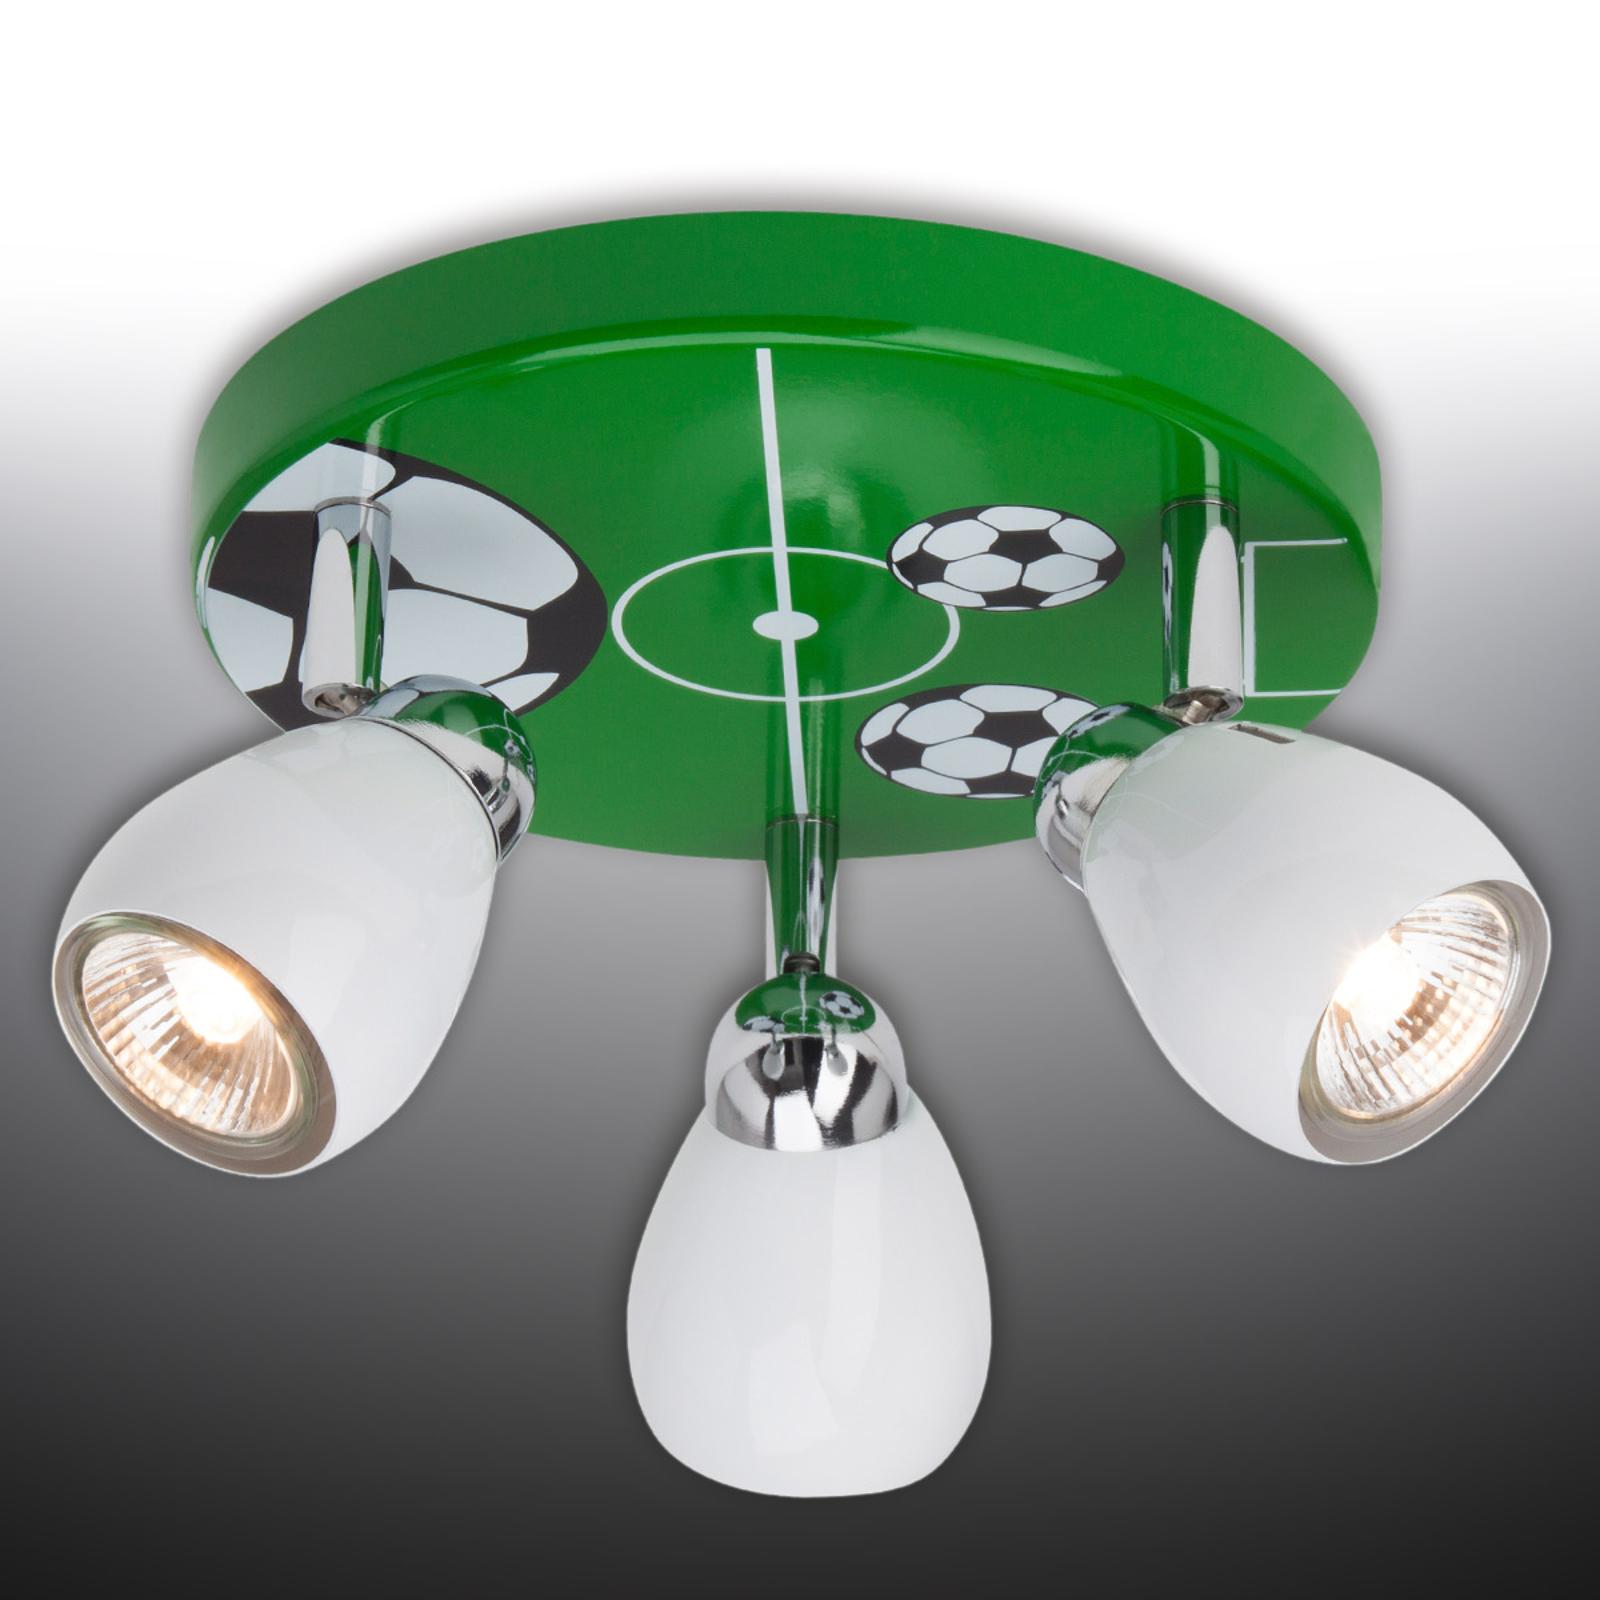 Lampa sufitowa LED Soccer, 3-punktowa